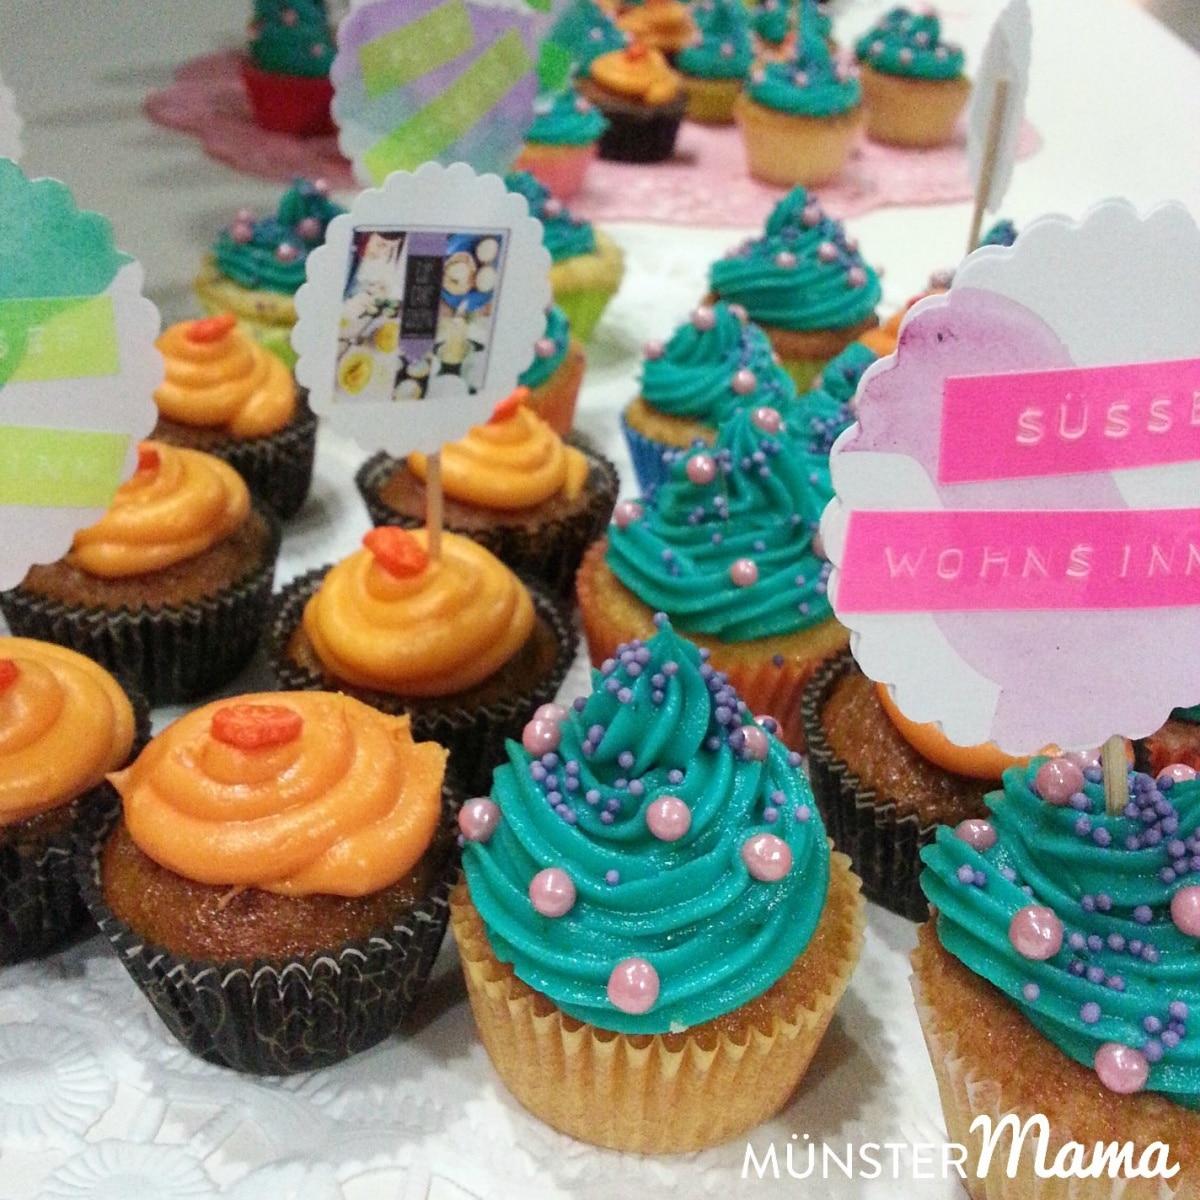 Cupcakes_SüßerWohnsinn